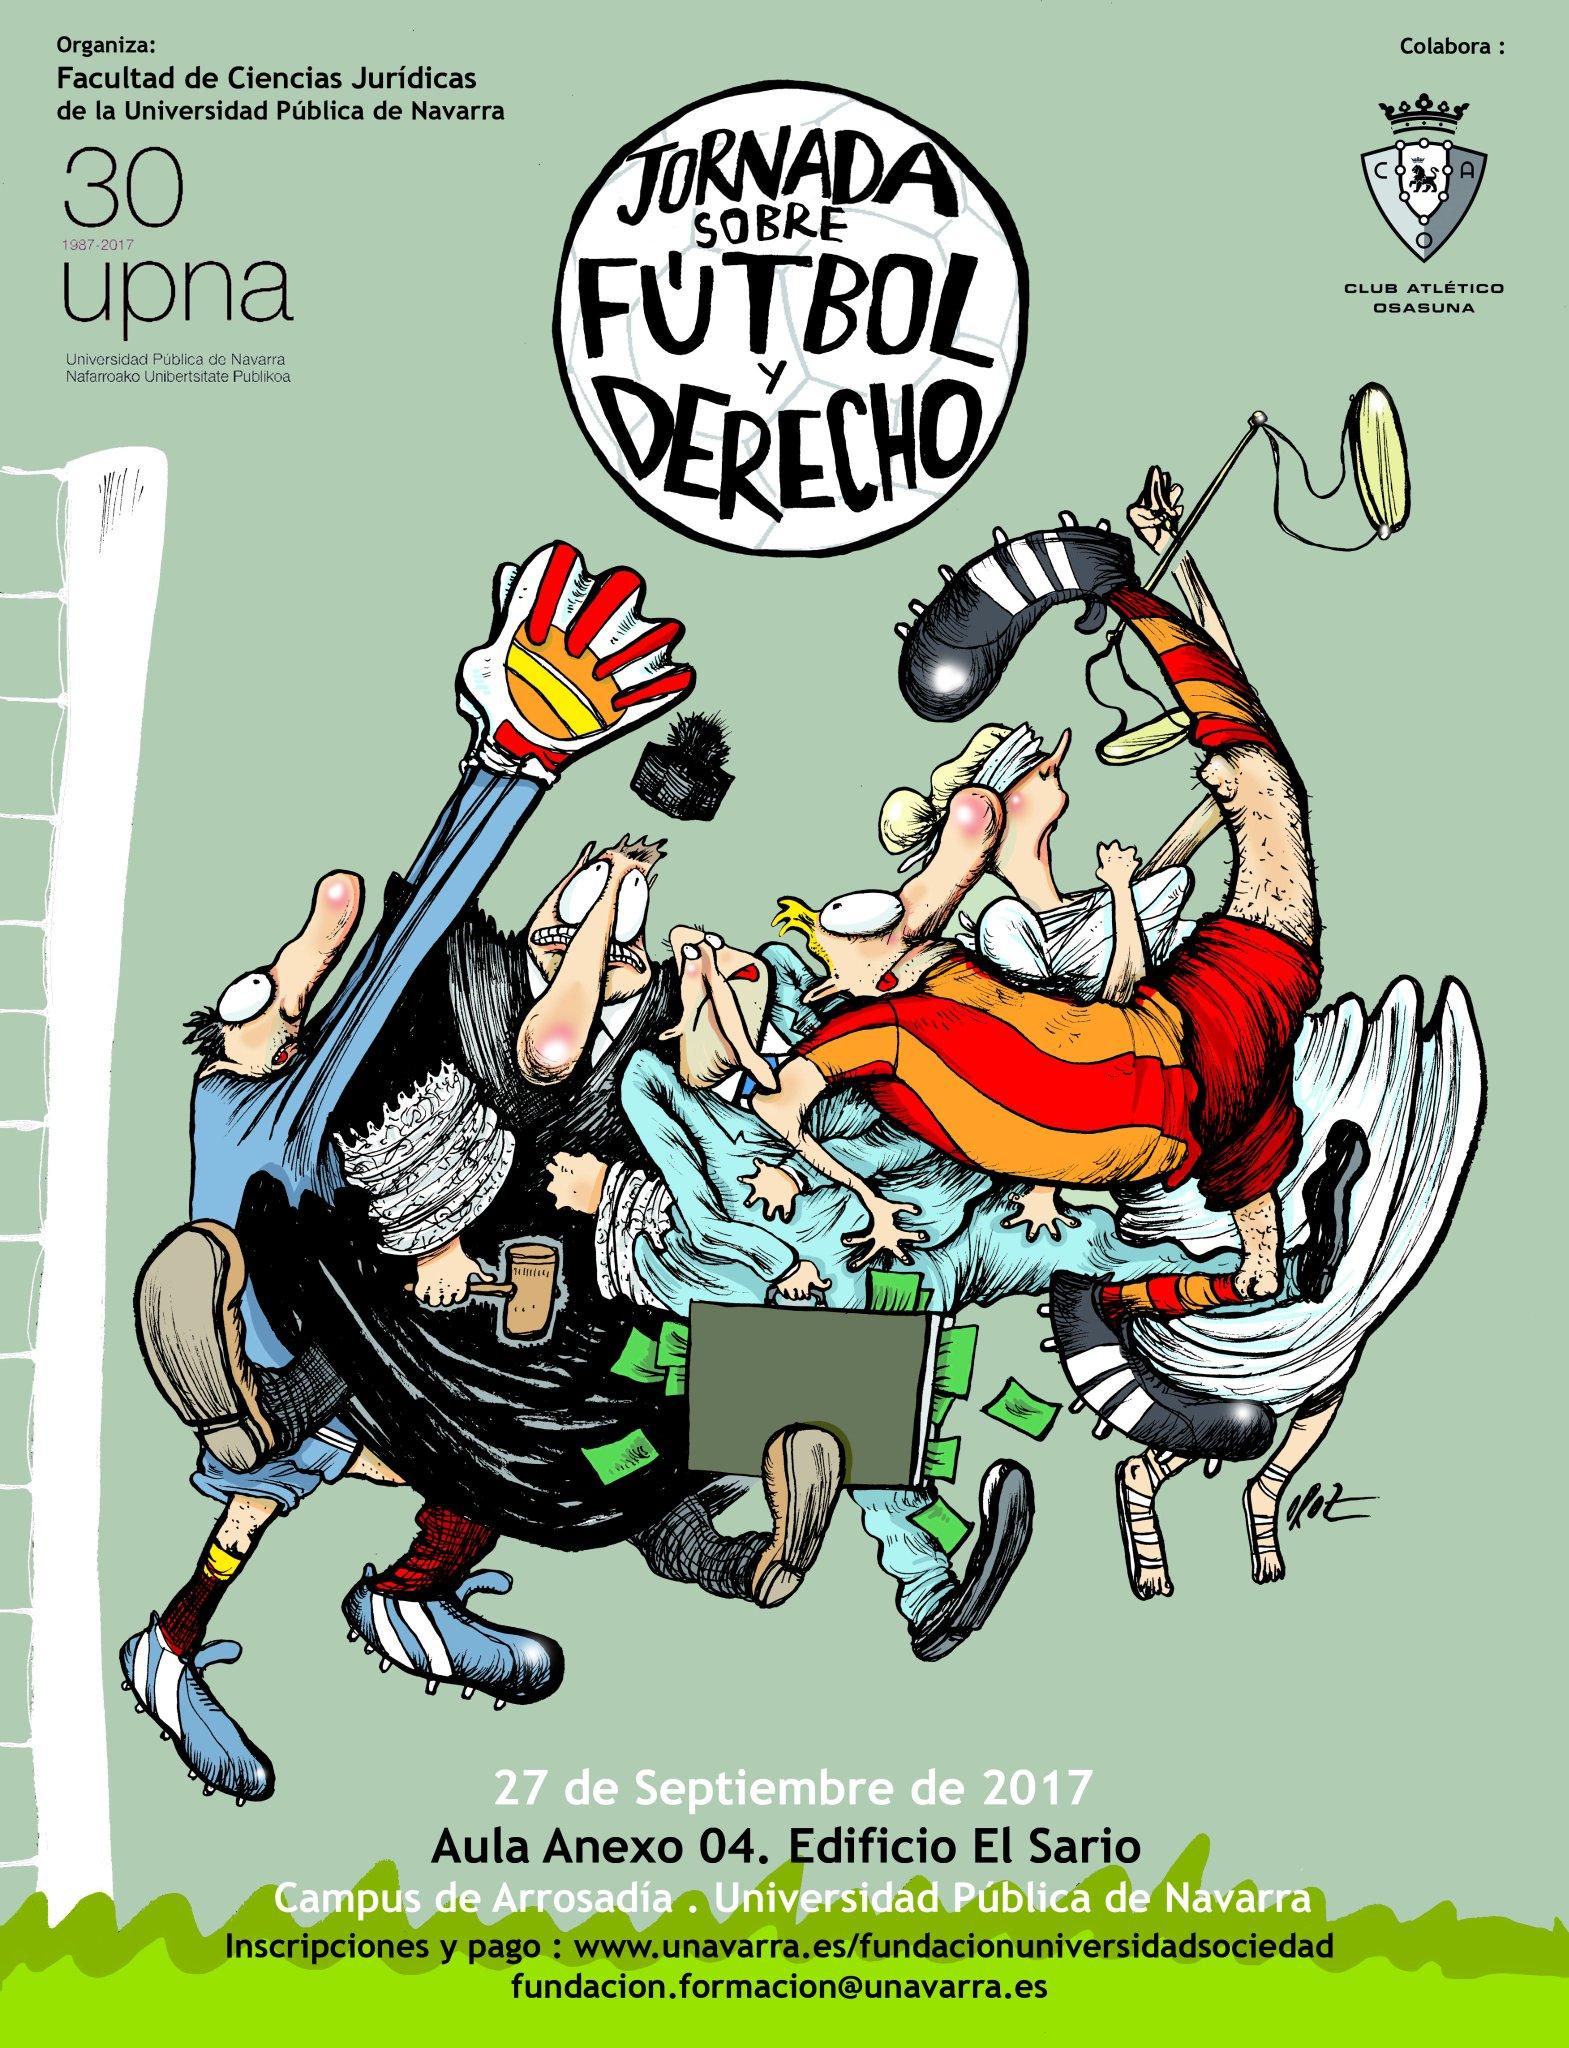 El próximo 27 de septiembre tendrá lugar una 'Jornada sobre fútbol y derecho' en la UPNA.